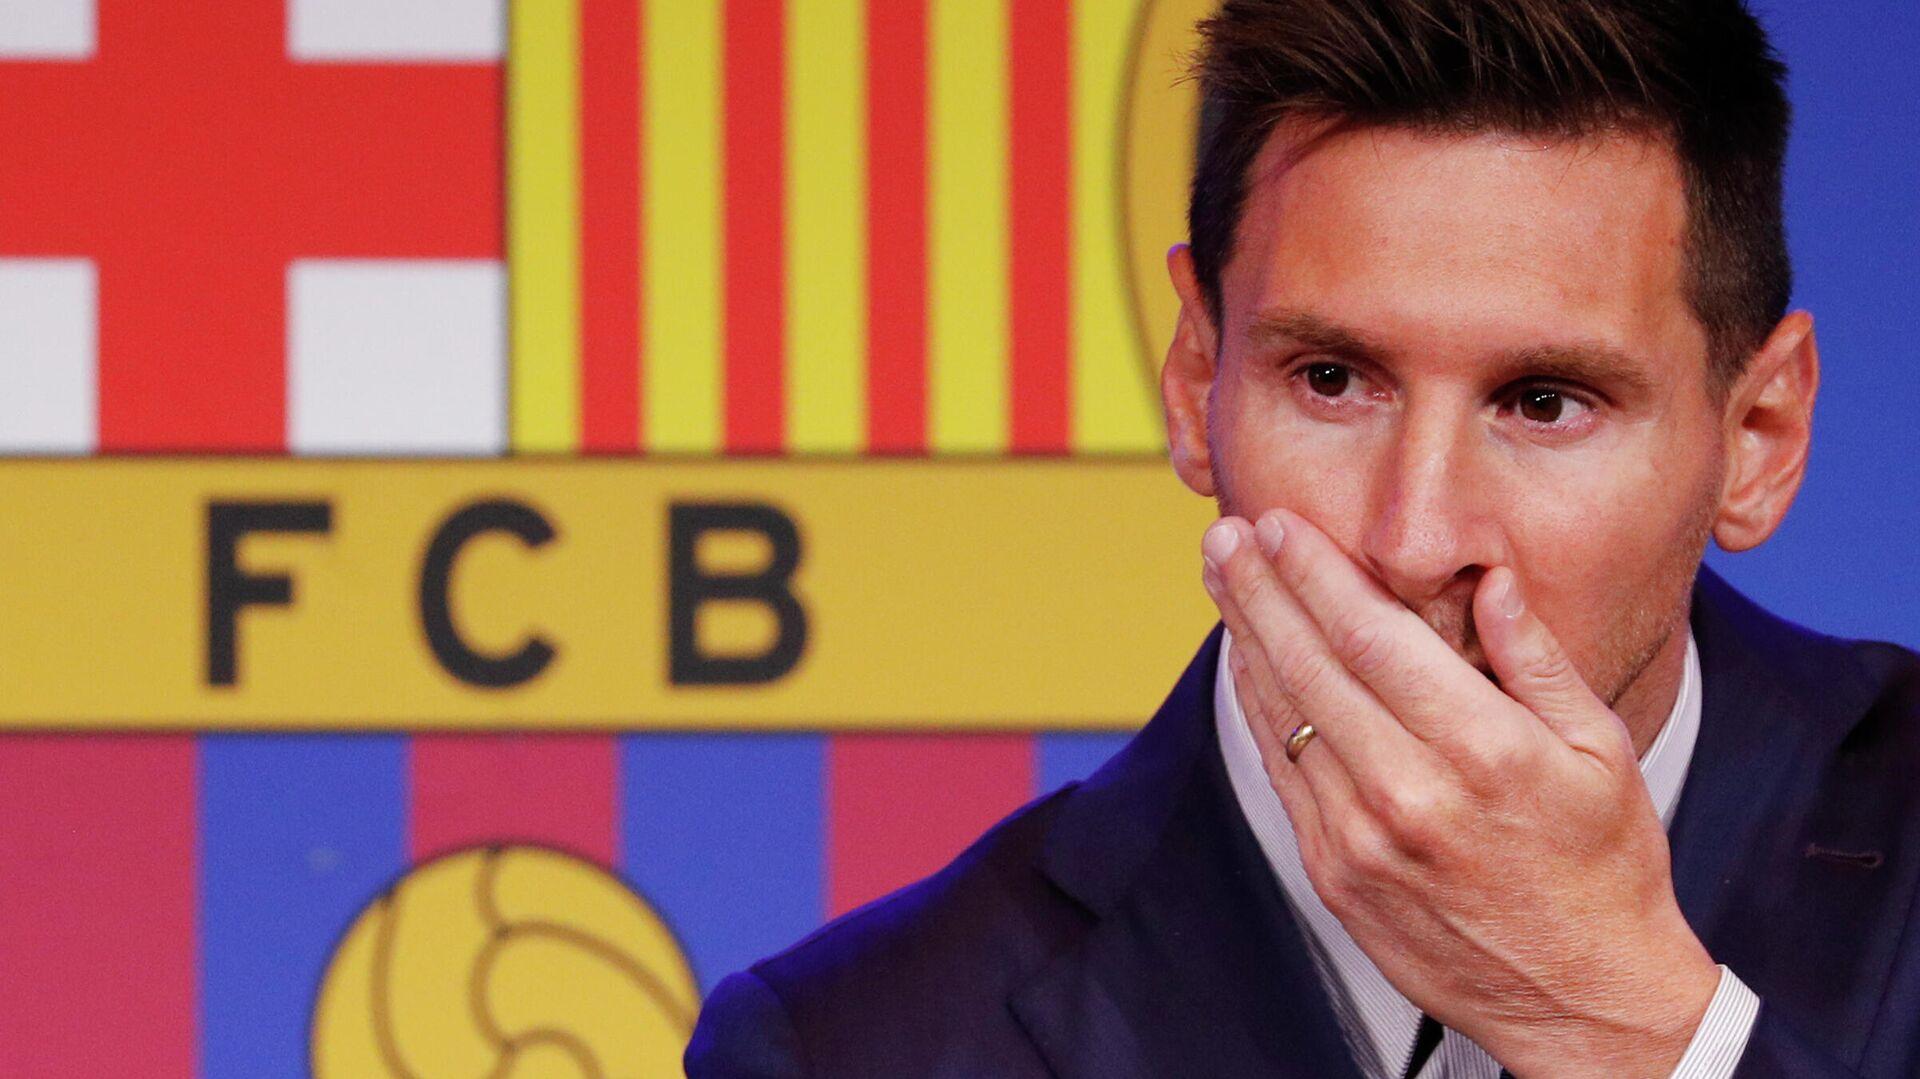 Lionel Messi, futbolista argentino - Sputnik Mundo, 1920, 08.08.2021